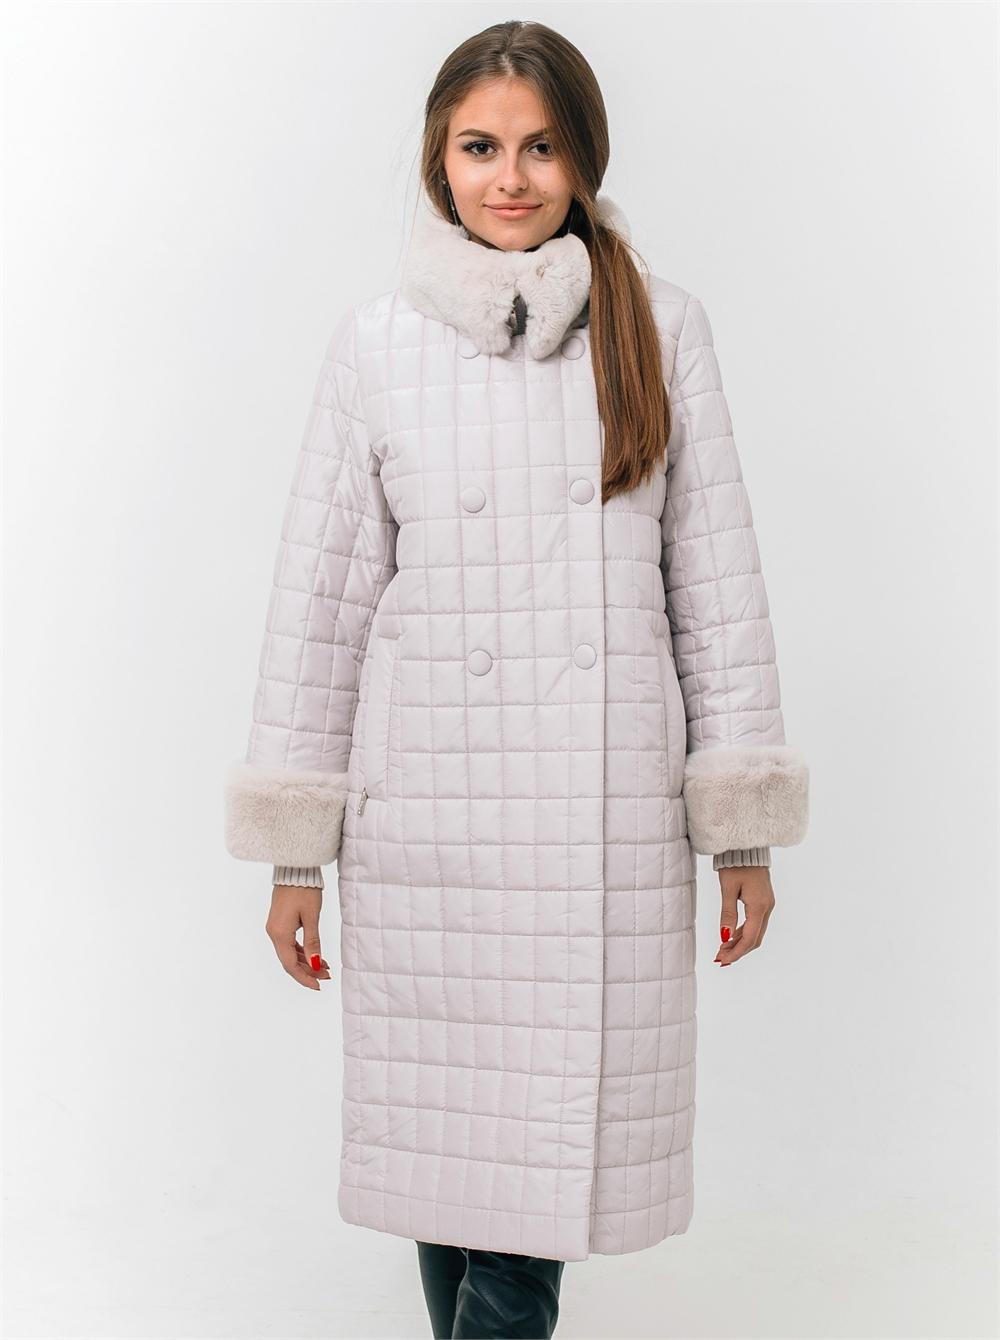 Пуховик snow beauty женский двухсторонний Snow Beauty, цена - 5450 ... | 1340x1000